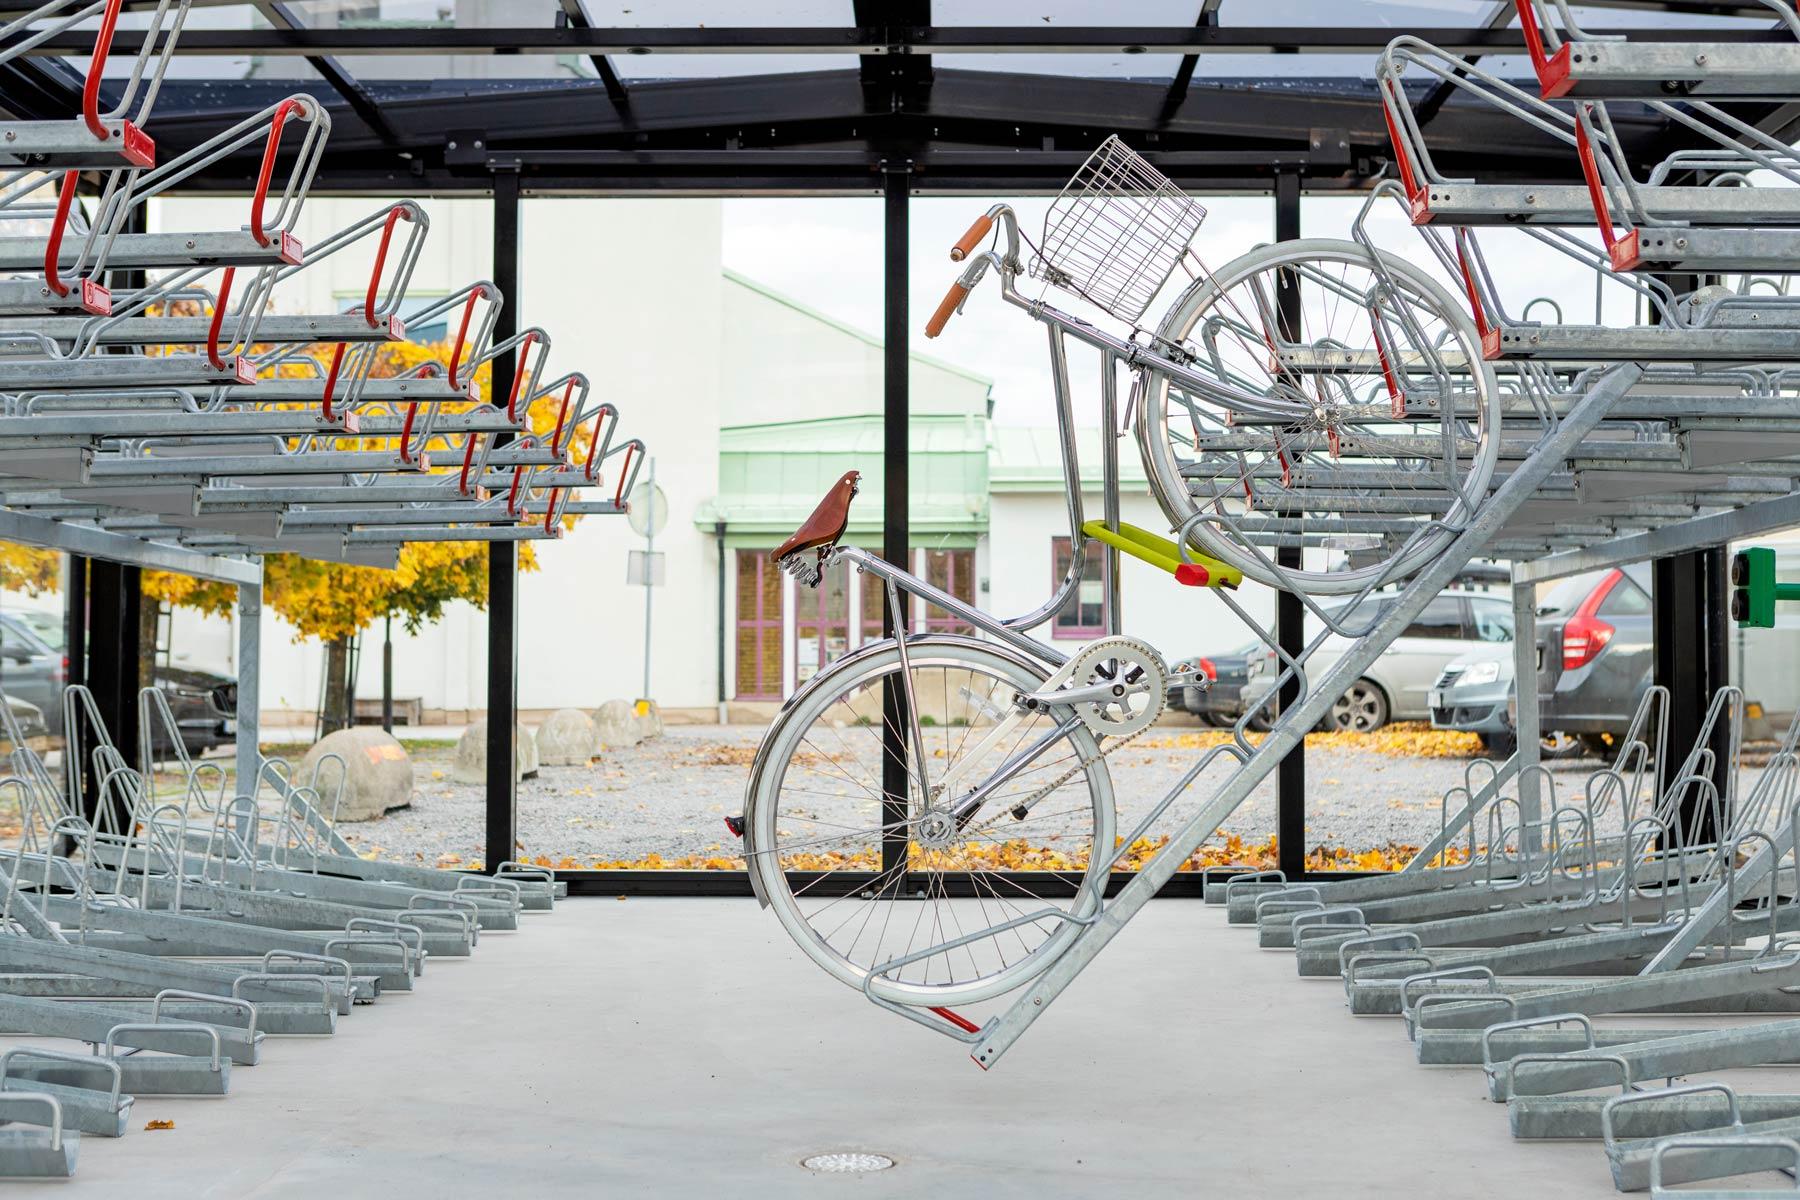 Cykelgarage med tvåvåningsställ